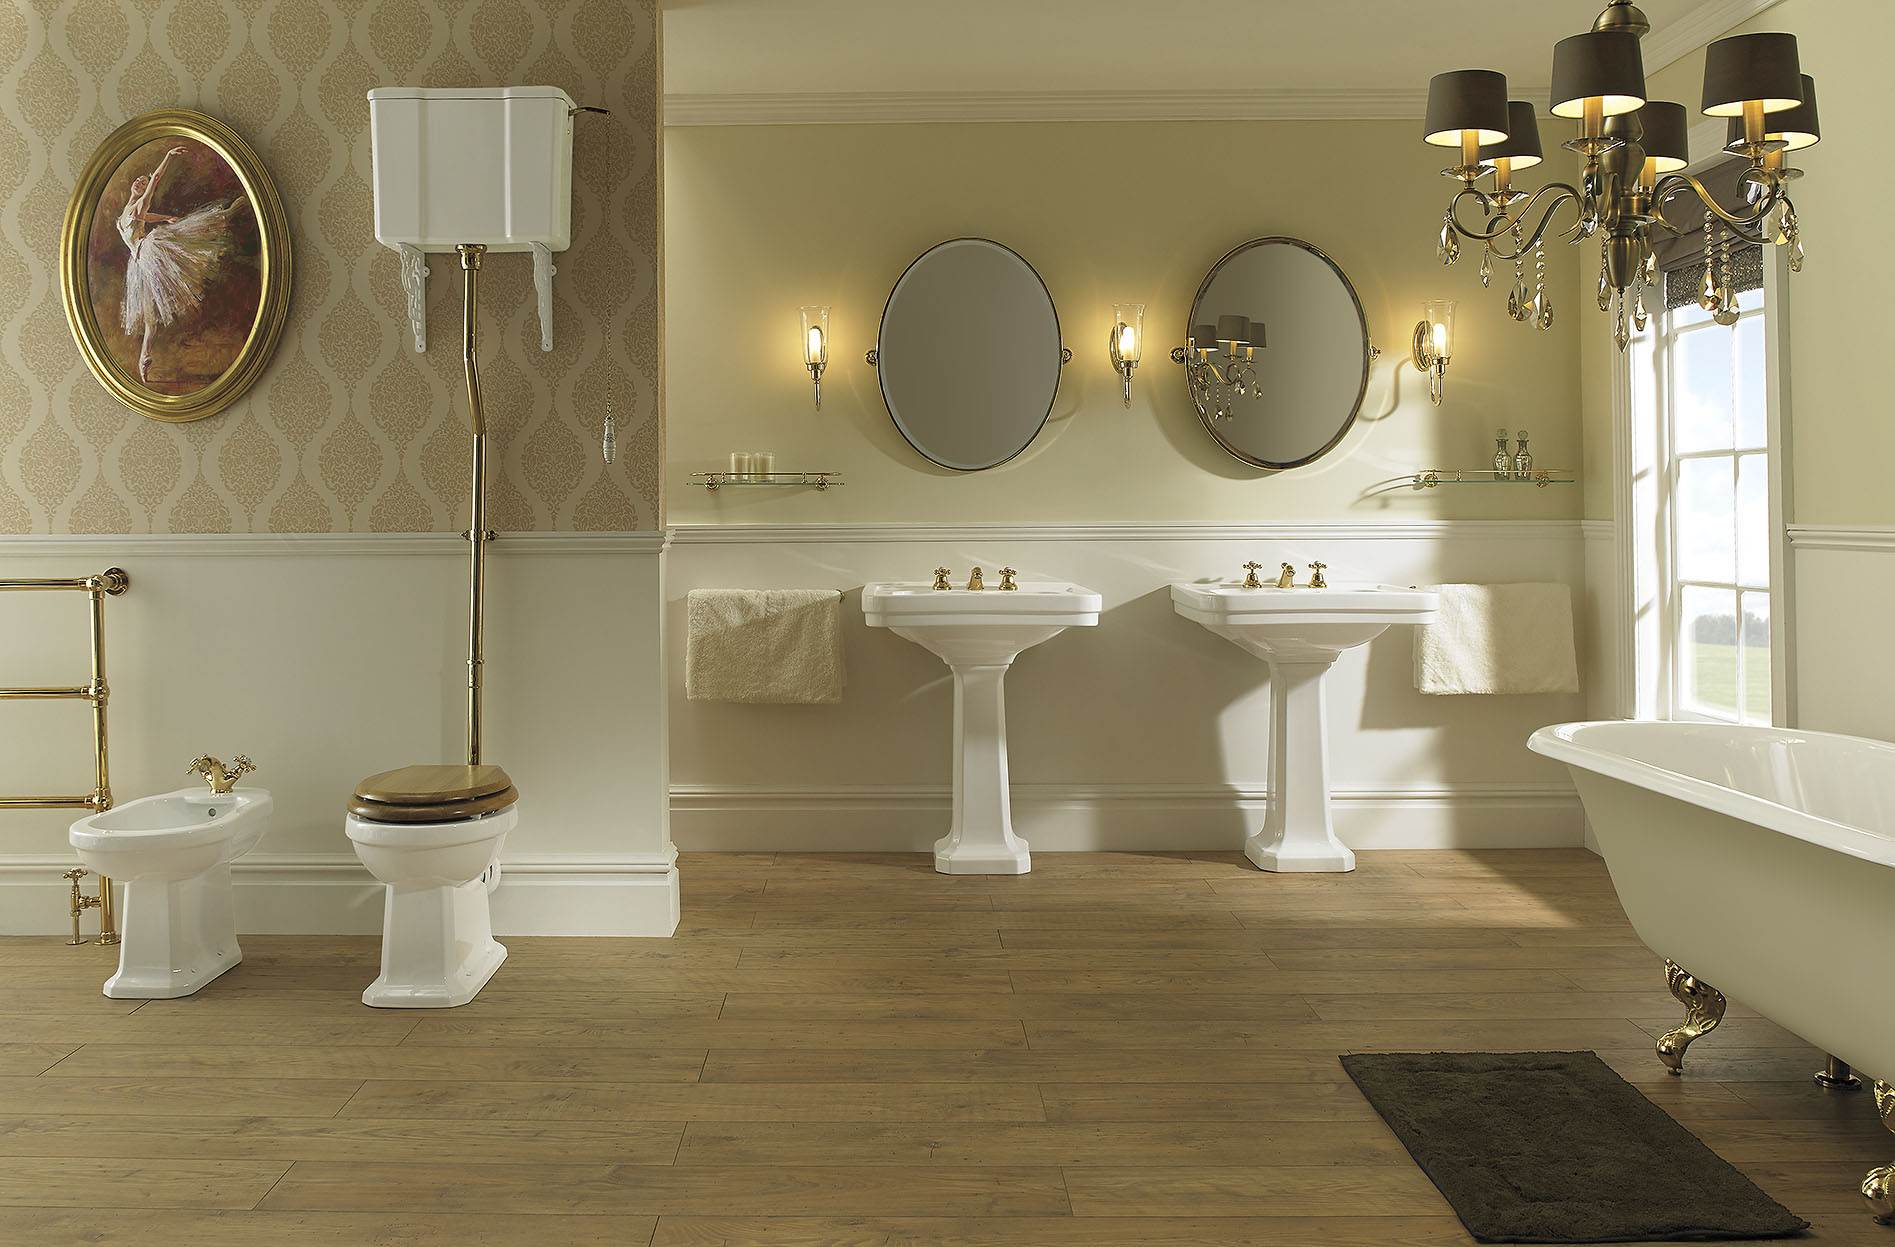 imperial-bathrooms Badexclusief Groningen met luxe klassiek sanitair chelsea met gouden kranen.